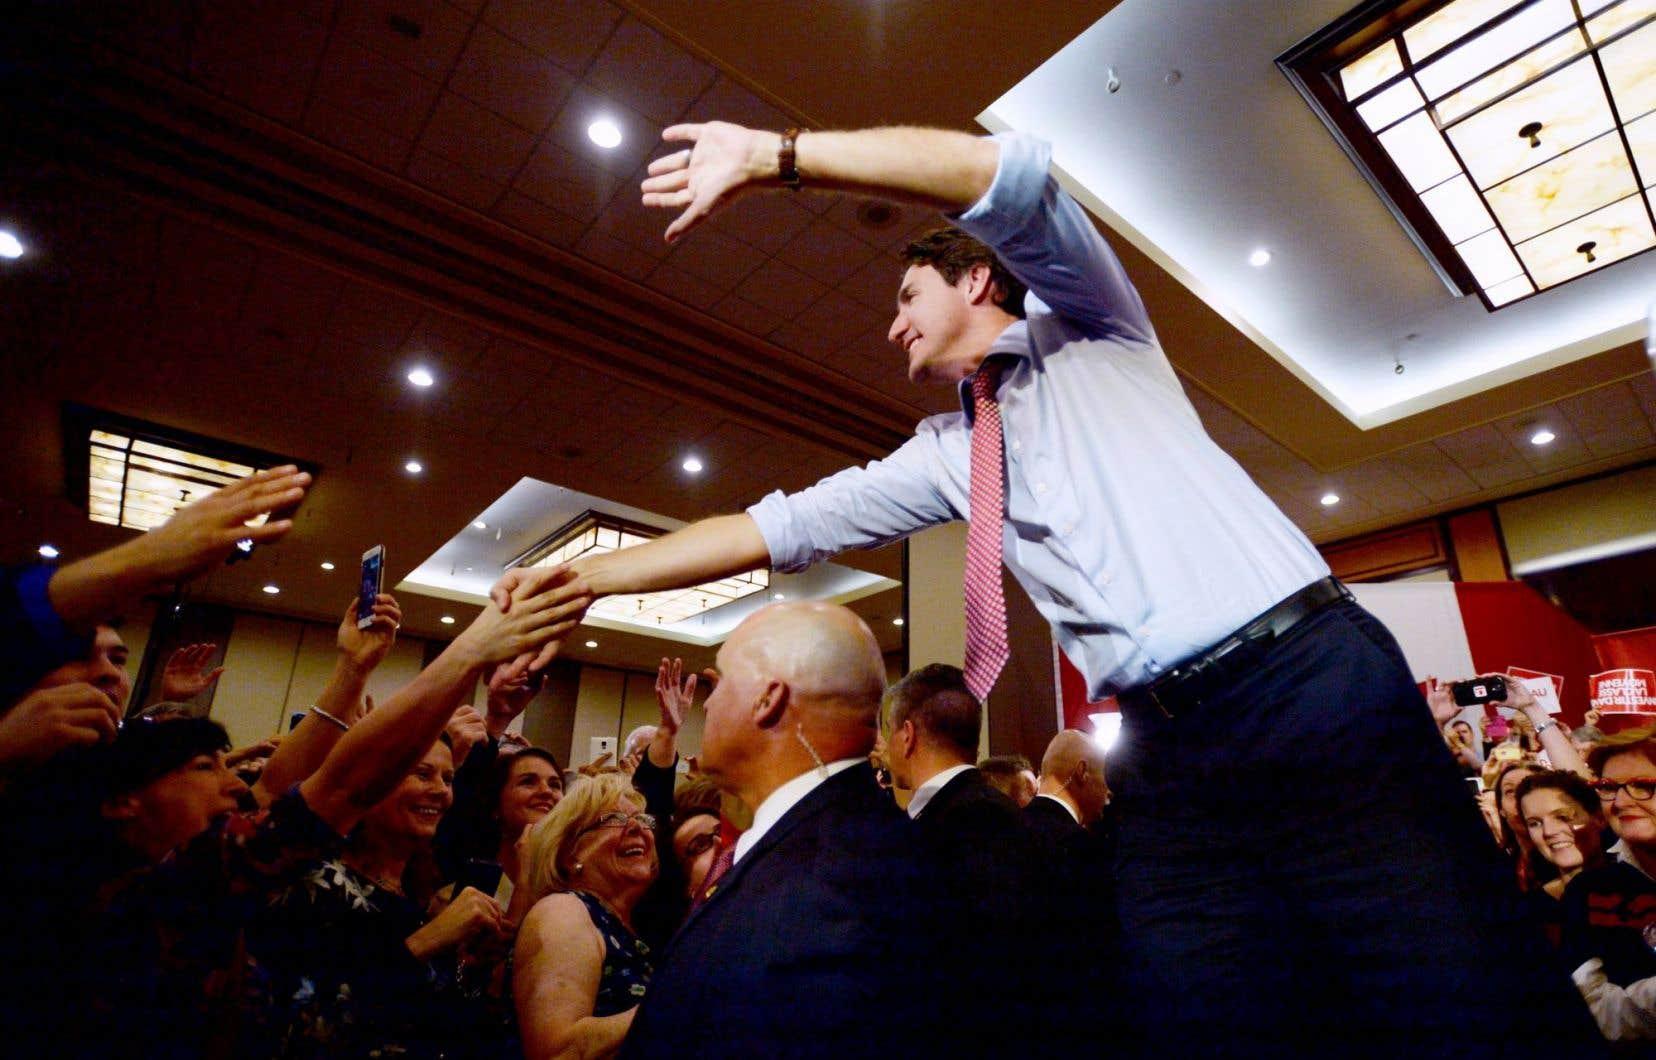 Après un bain de foule en matinée dans le métro de Montréal, le premier ministre désigné du Canada, Justin Trudeau, a pris la direction d'Ottawa où il participé à un rassemblement de militants libéraux.